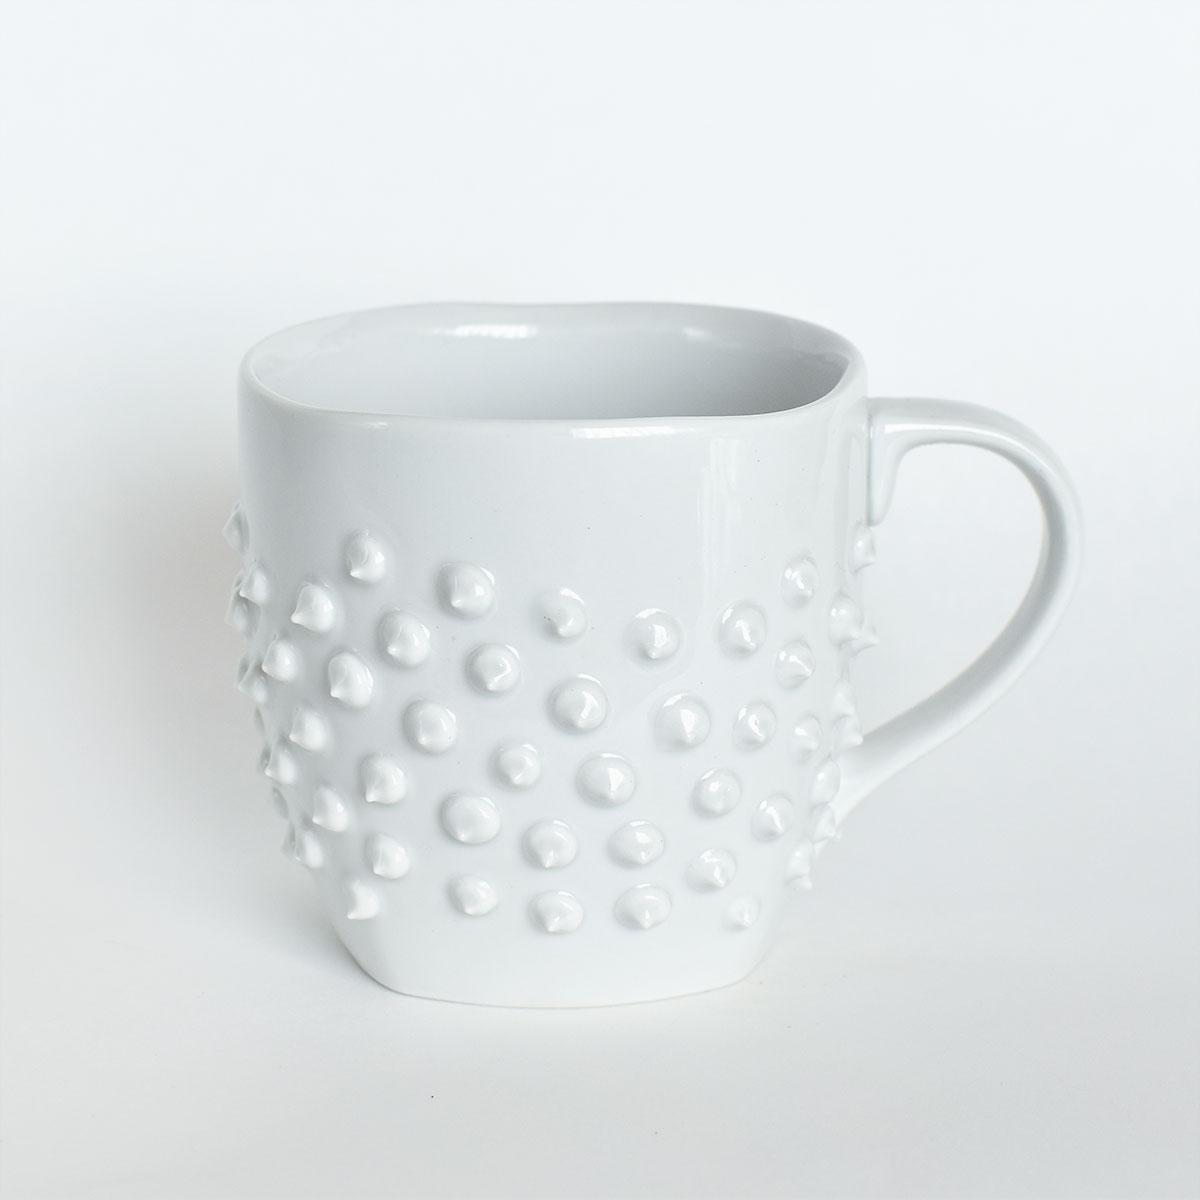 картинка Большая белая кружка с шипами - DishWishes.Ru